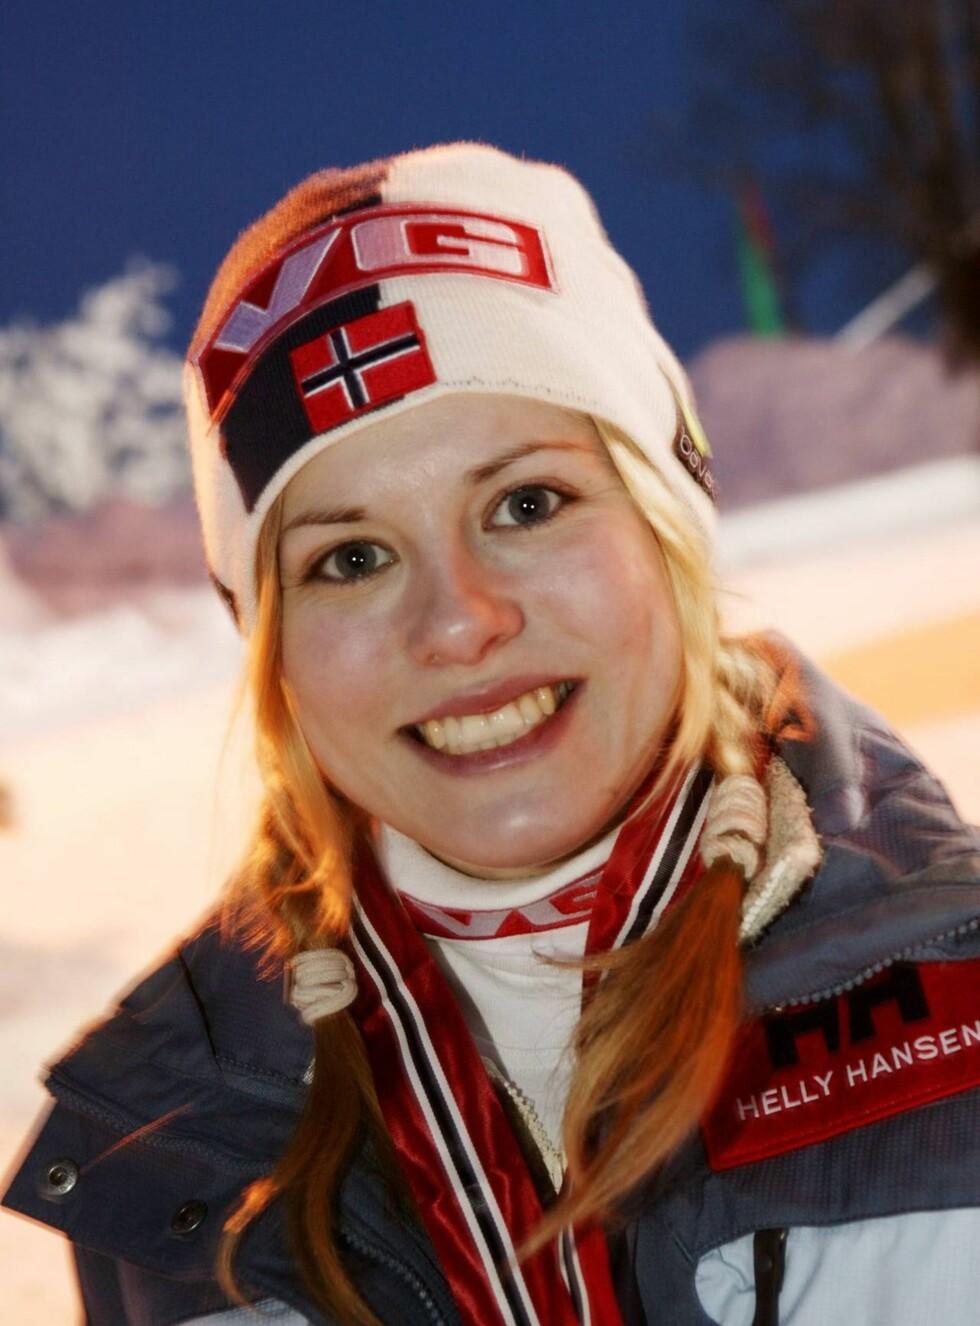 OSLO 20040201: Hoppesset Anette Sagen. Foto: Se og Hør, Werner Juvik